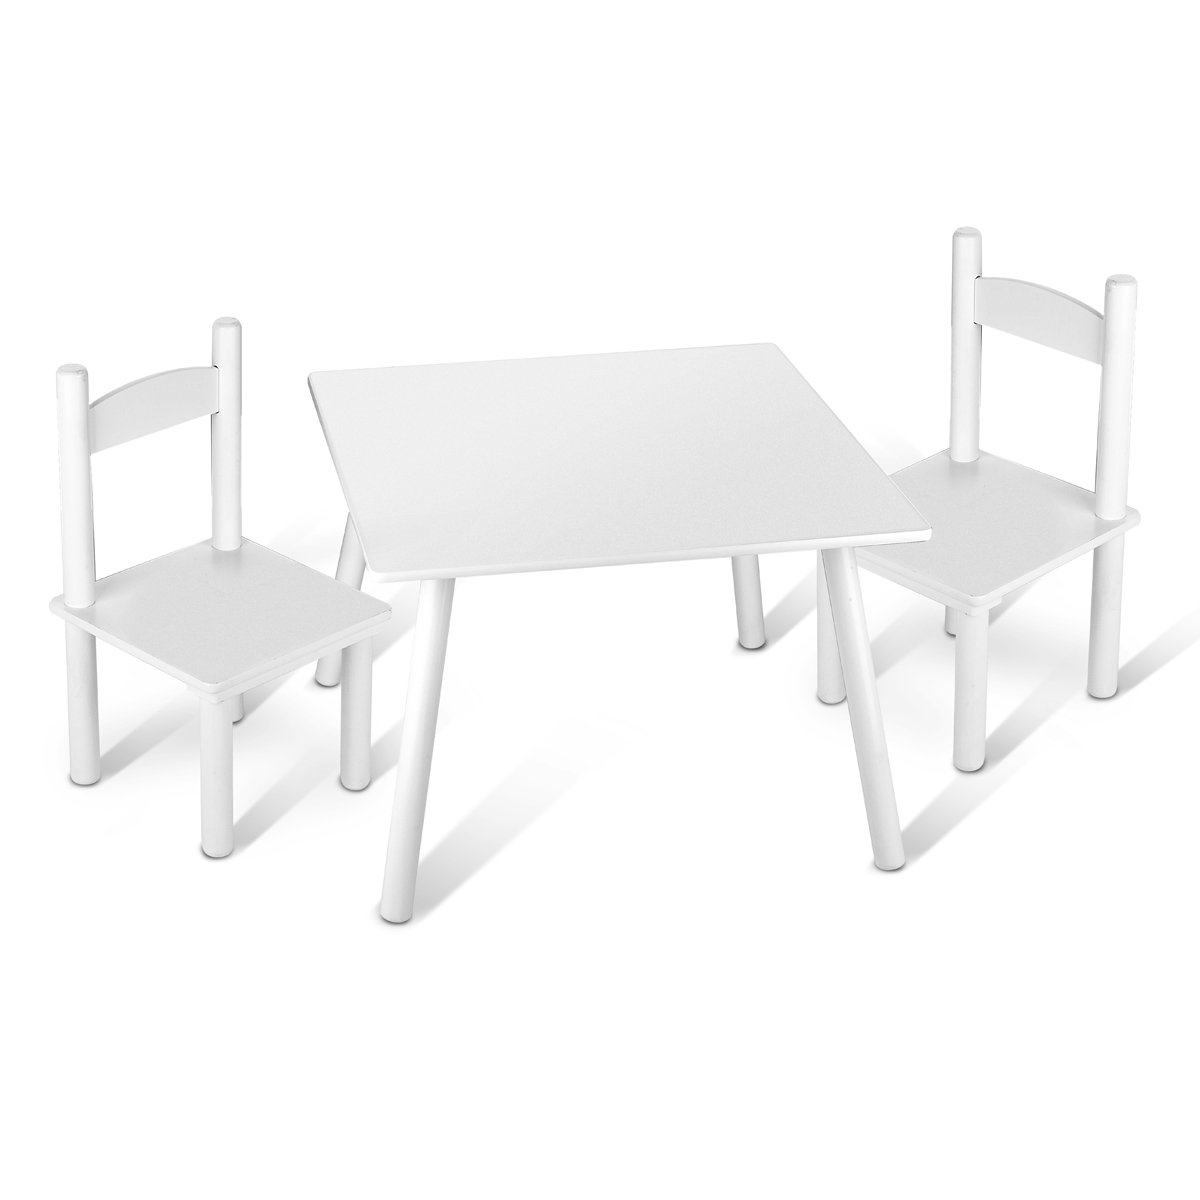 Tavolino Set Da Cameretta Per Bambini Tavolo e 2 Sedie In Legno Stanza Dei Bambini Mobili Alta Qualità Stabile Bianco Leomark